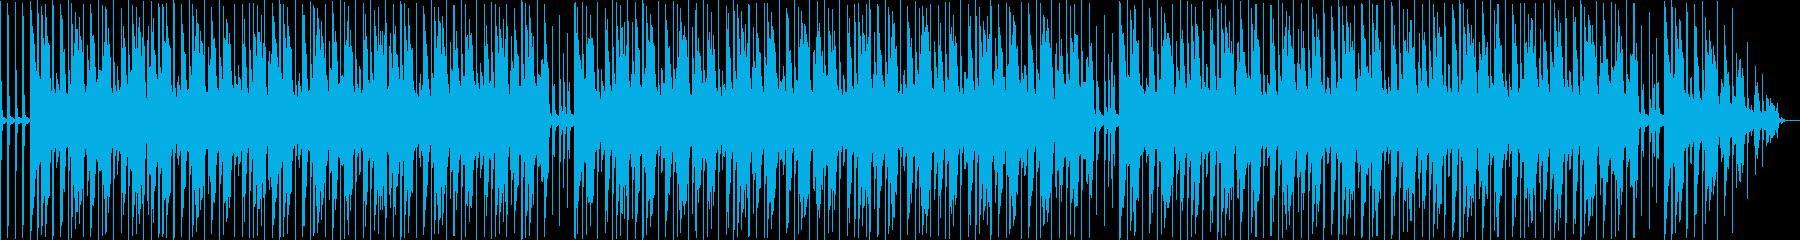 ほのぼのとした動画に使えるポップスBGMの再生済みの波形